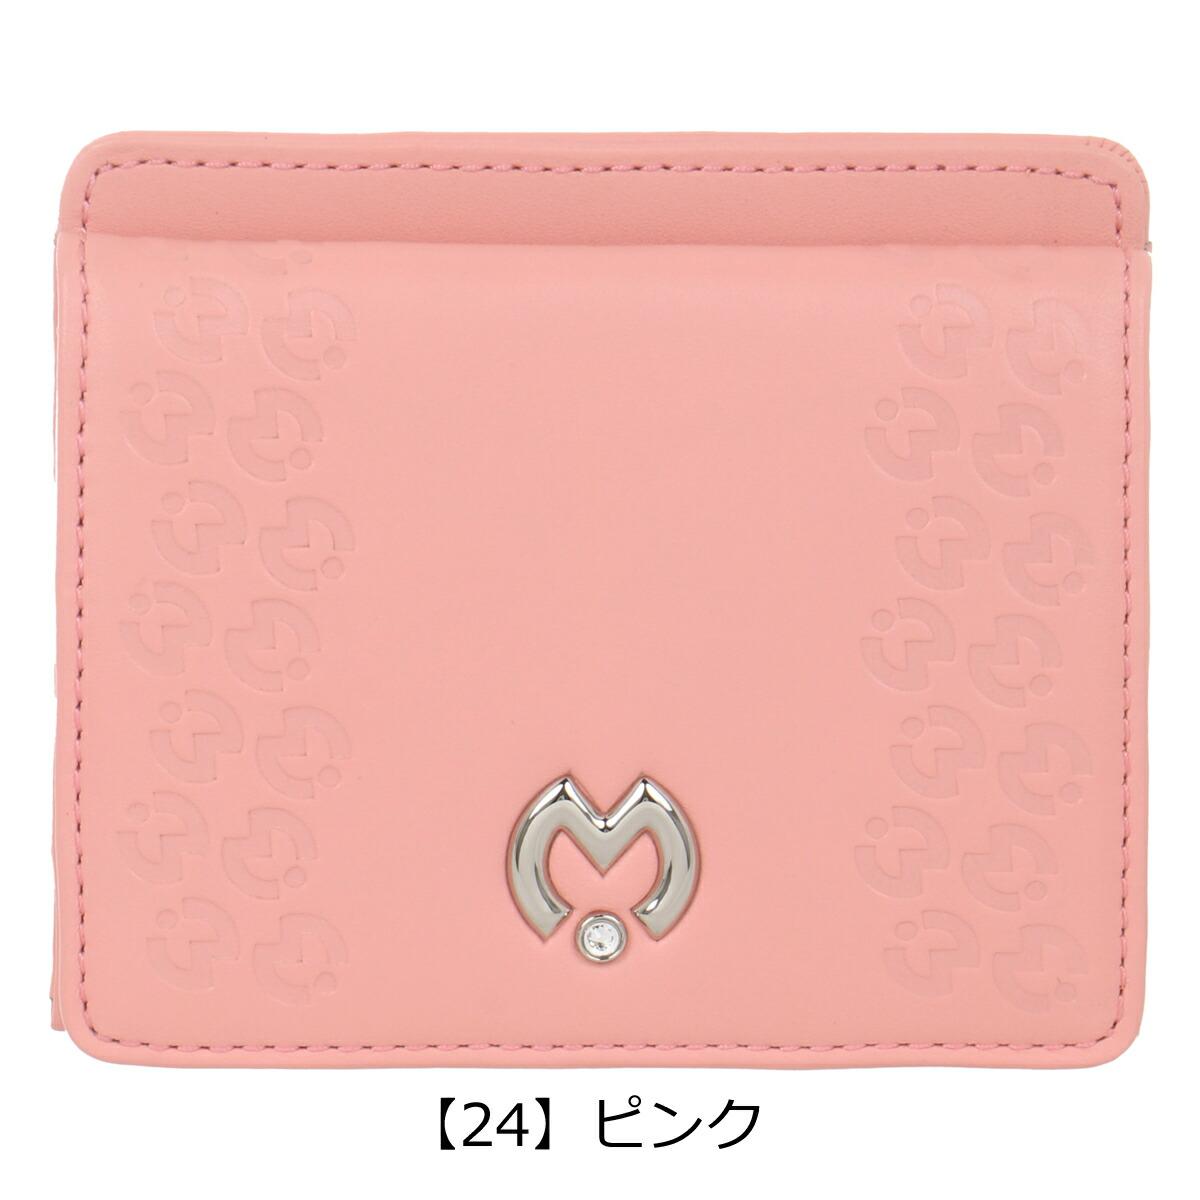 【24】ピンク